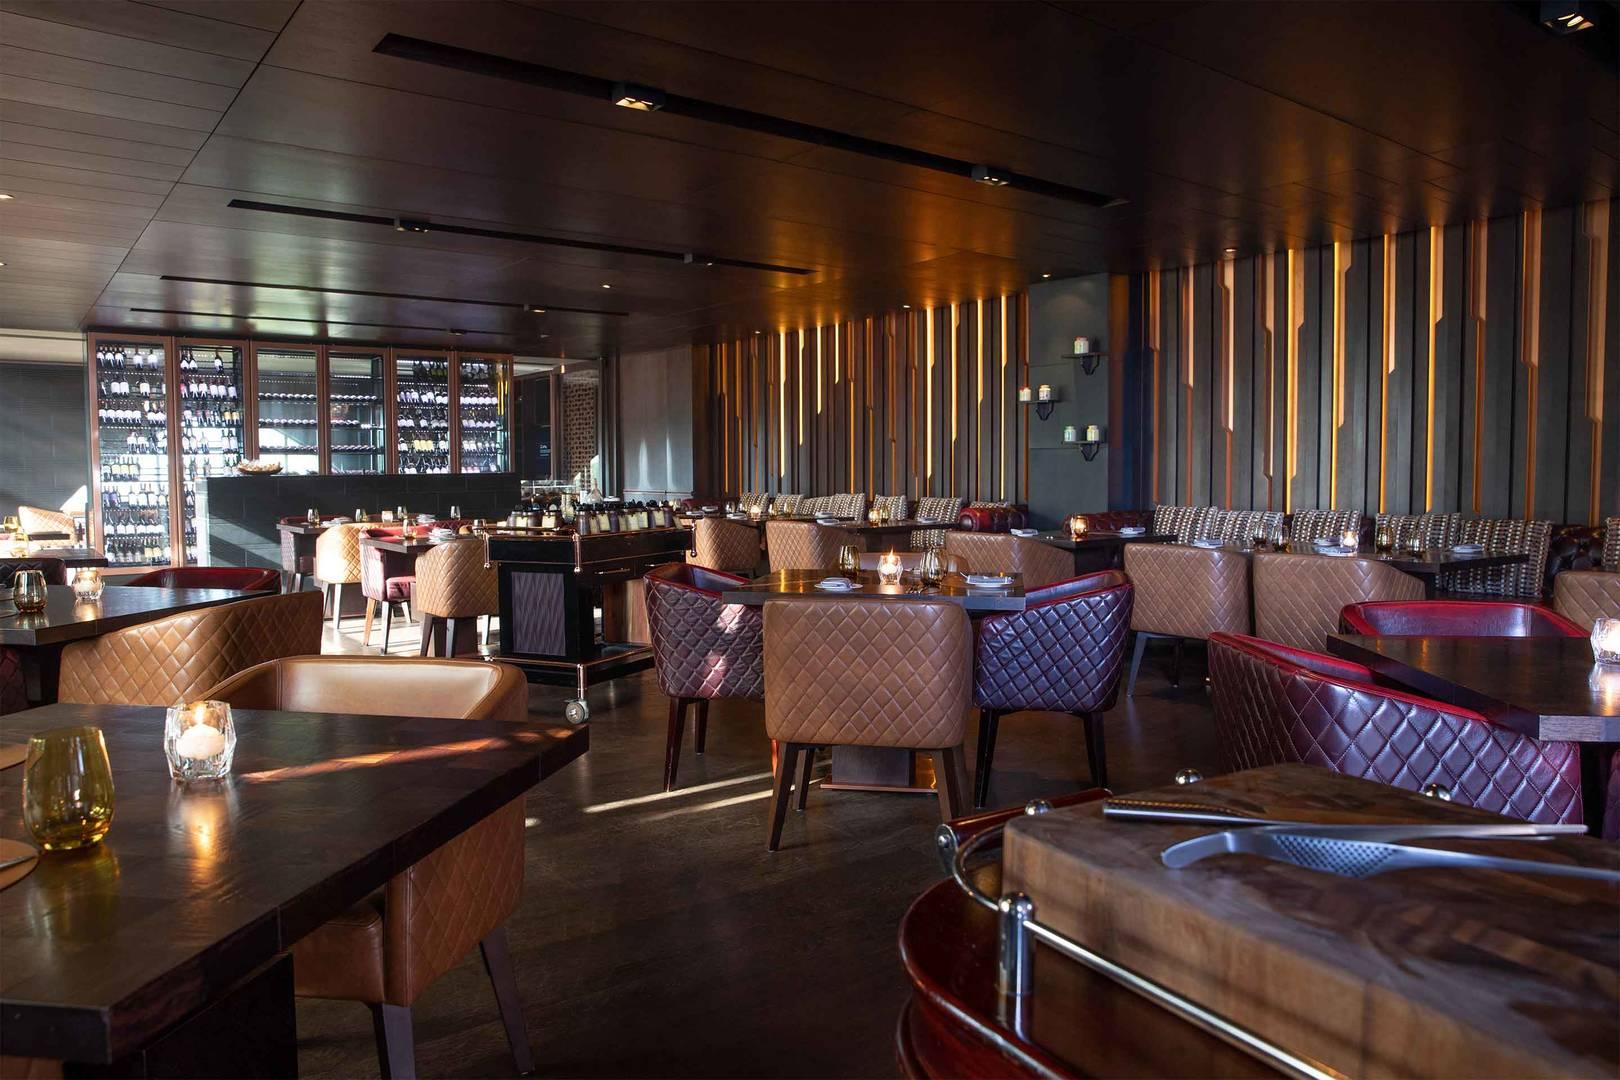 https://cdn.jumeirah.com/-/mediadh/DH/Hospitality/Jumeirah/Restaurants/Dubai/Zabeel-Saray-The-Rib-Room/Restaurant-Gallery/6-4_Jumeirah-Zabeel-Saray-Restaurants-The-Rib-Room-Interior-01.jpg?h=1080&w=1620&hash=9B32A1369AA9A4CB5407D1F1FAC830F6